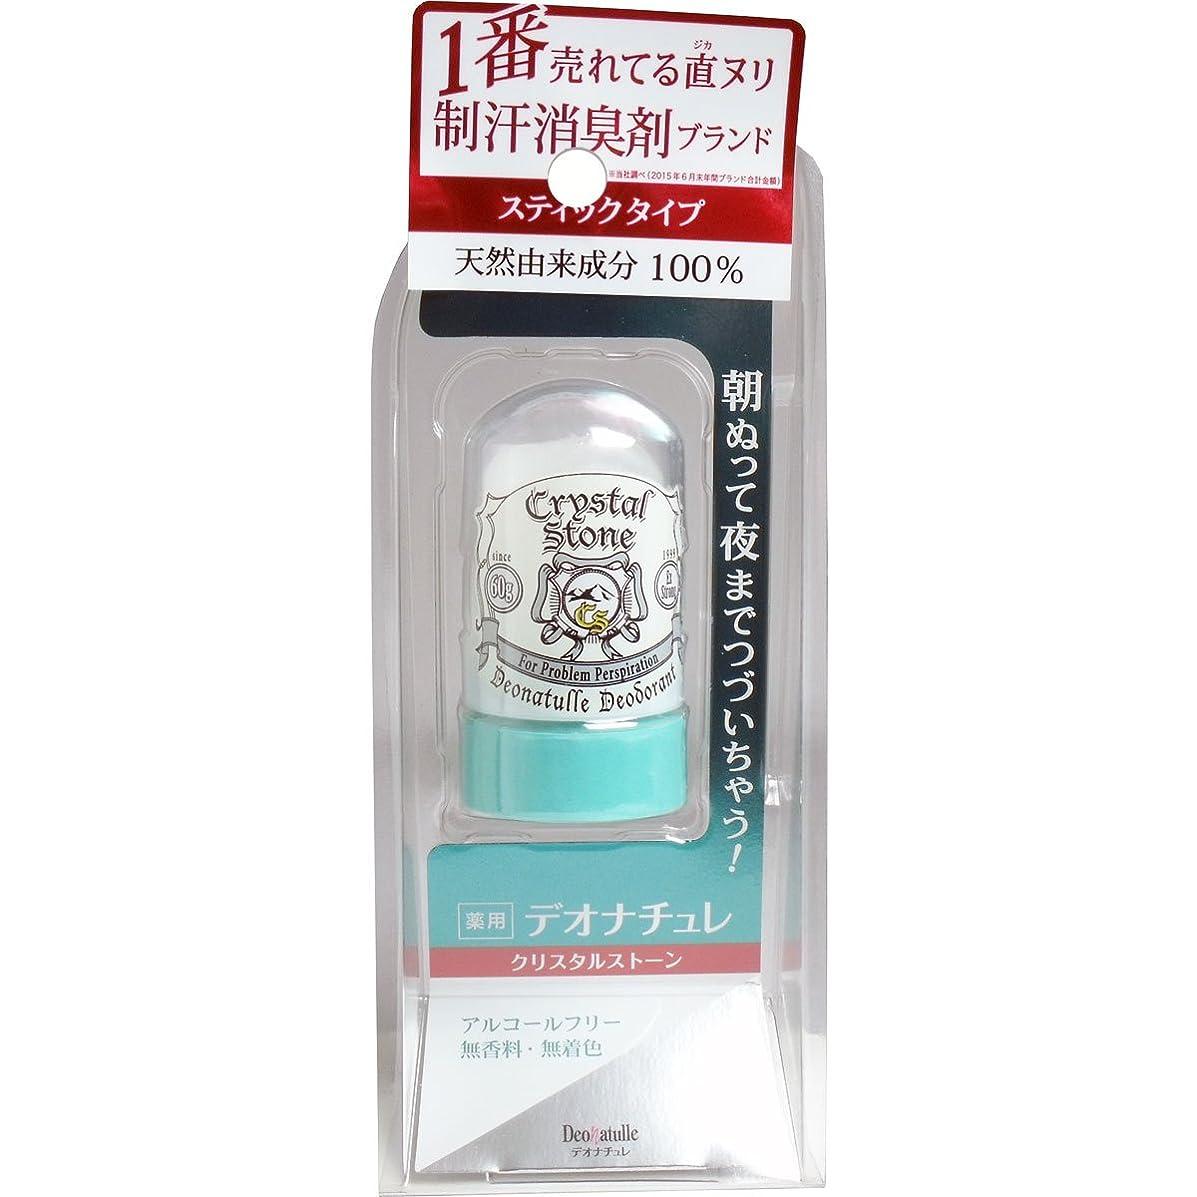 失われた優先マイクデオナチュレ クリスタルストーン 60g(医薬部外品)